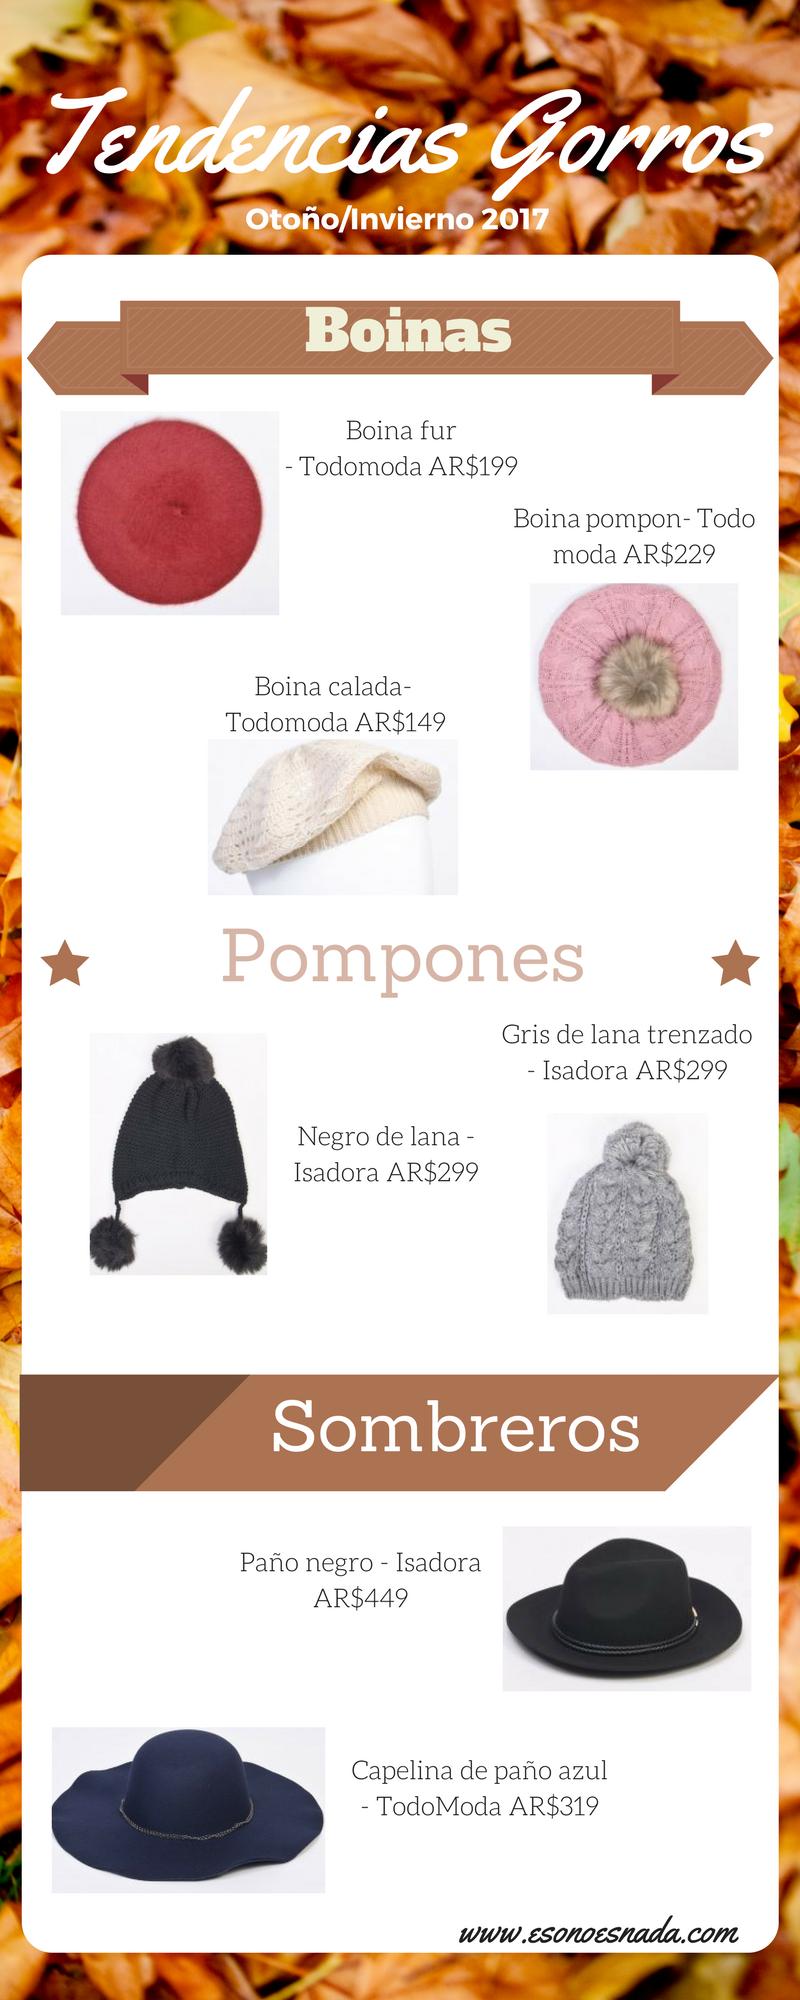 gorros - Tendencias en Accesorios Otoño Invierno 2017: Sombreros y Gorros